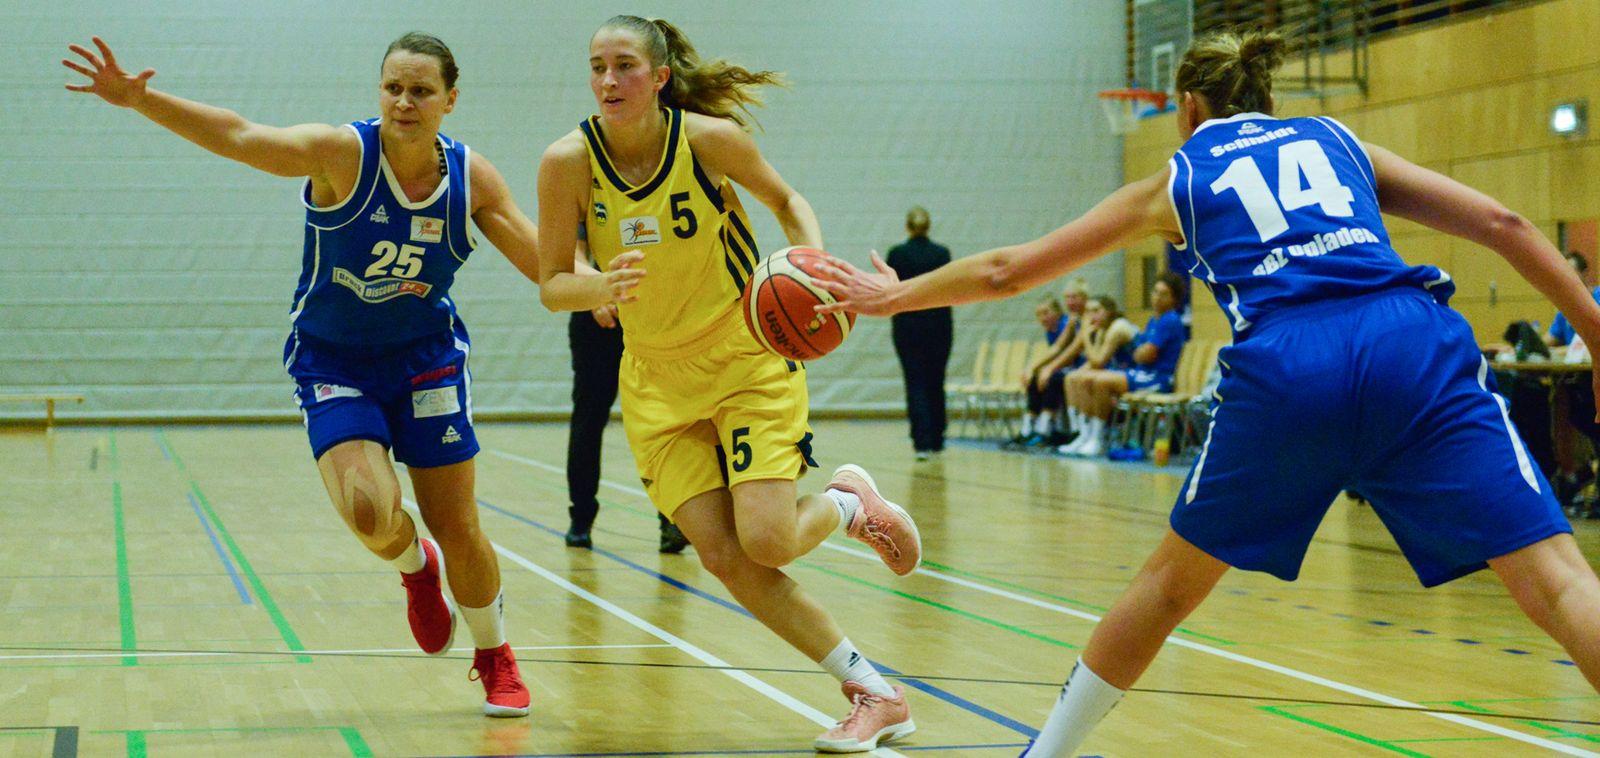 best website c8aa7 de945 Frauen - ALBA BERLIN Basketballteam